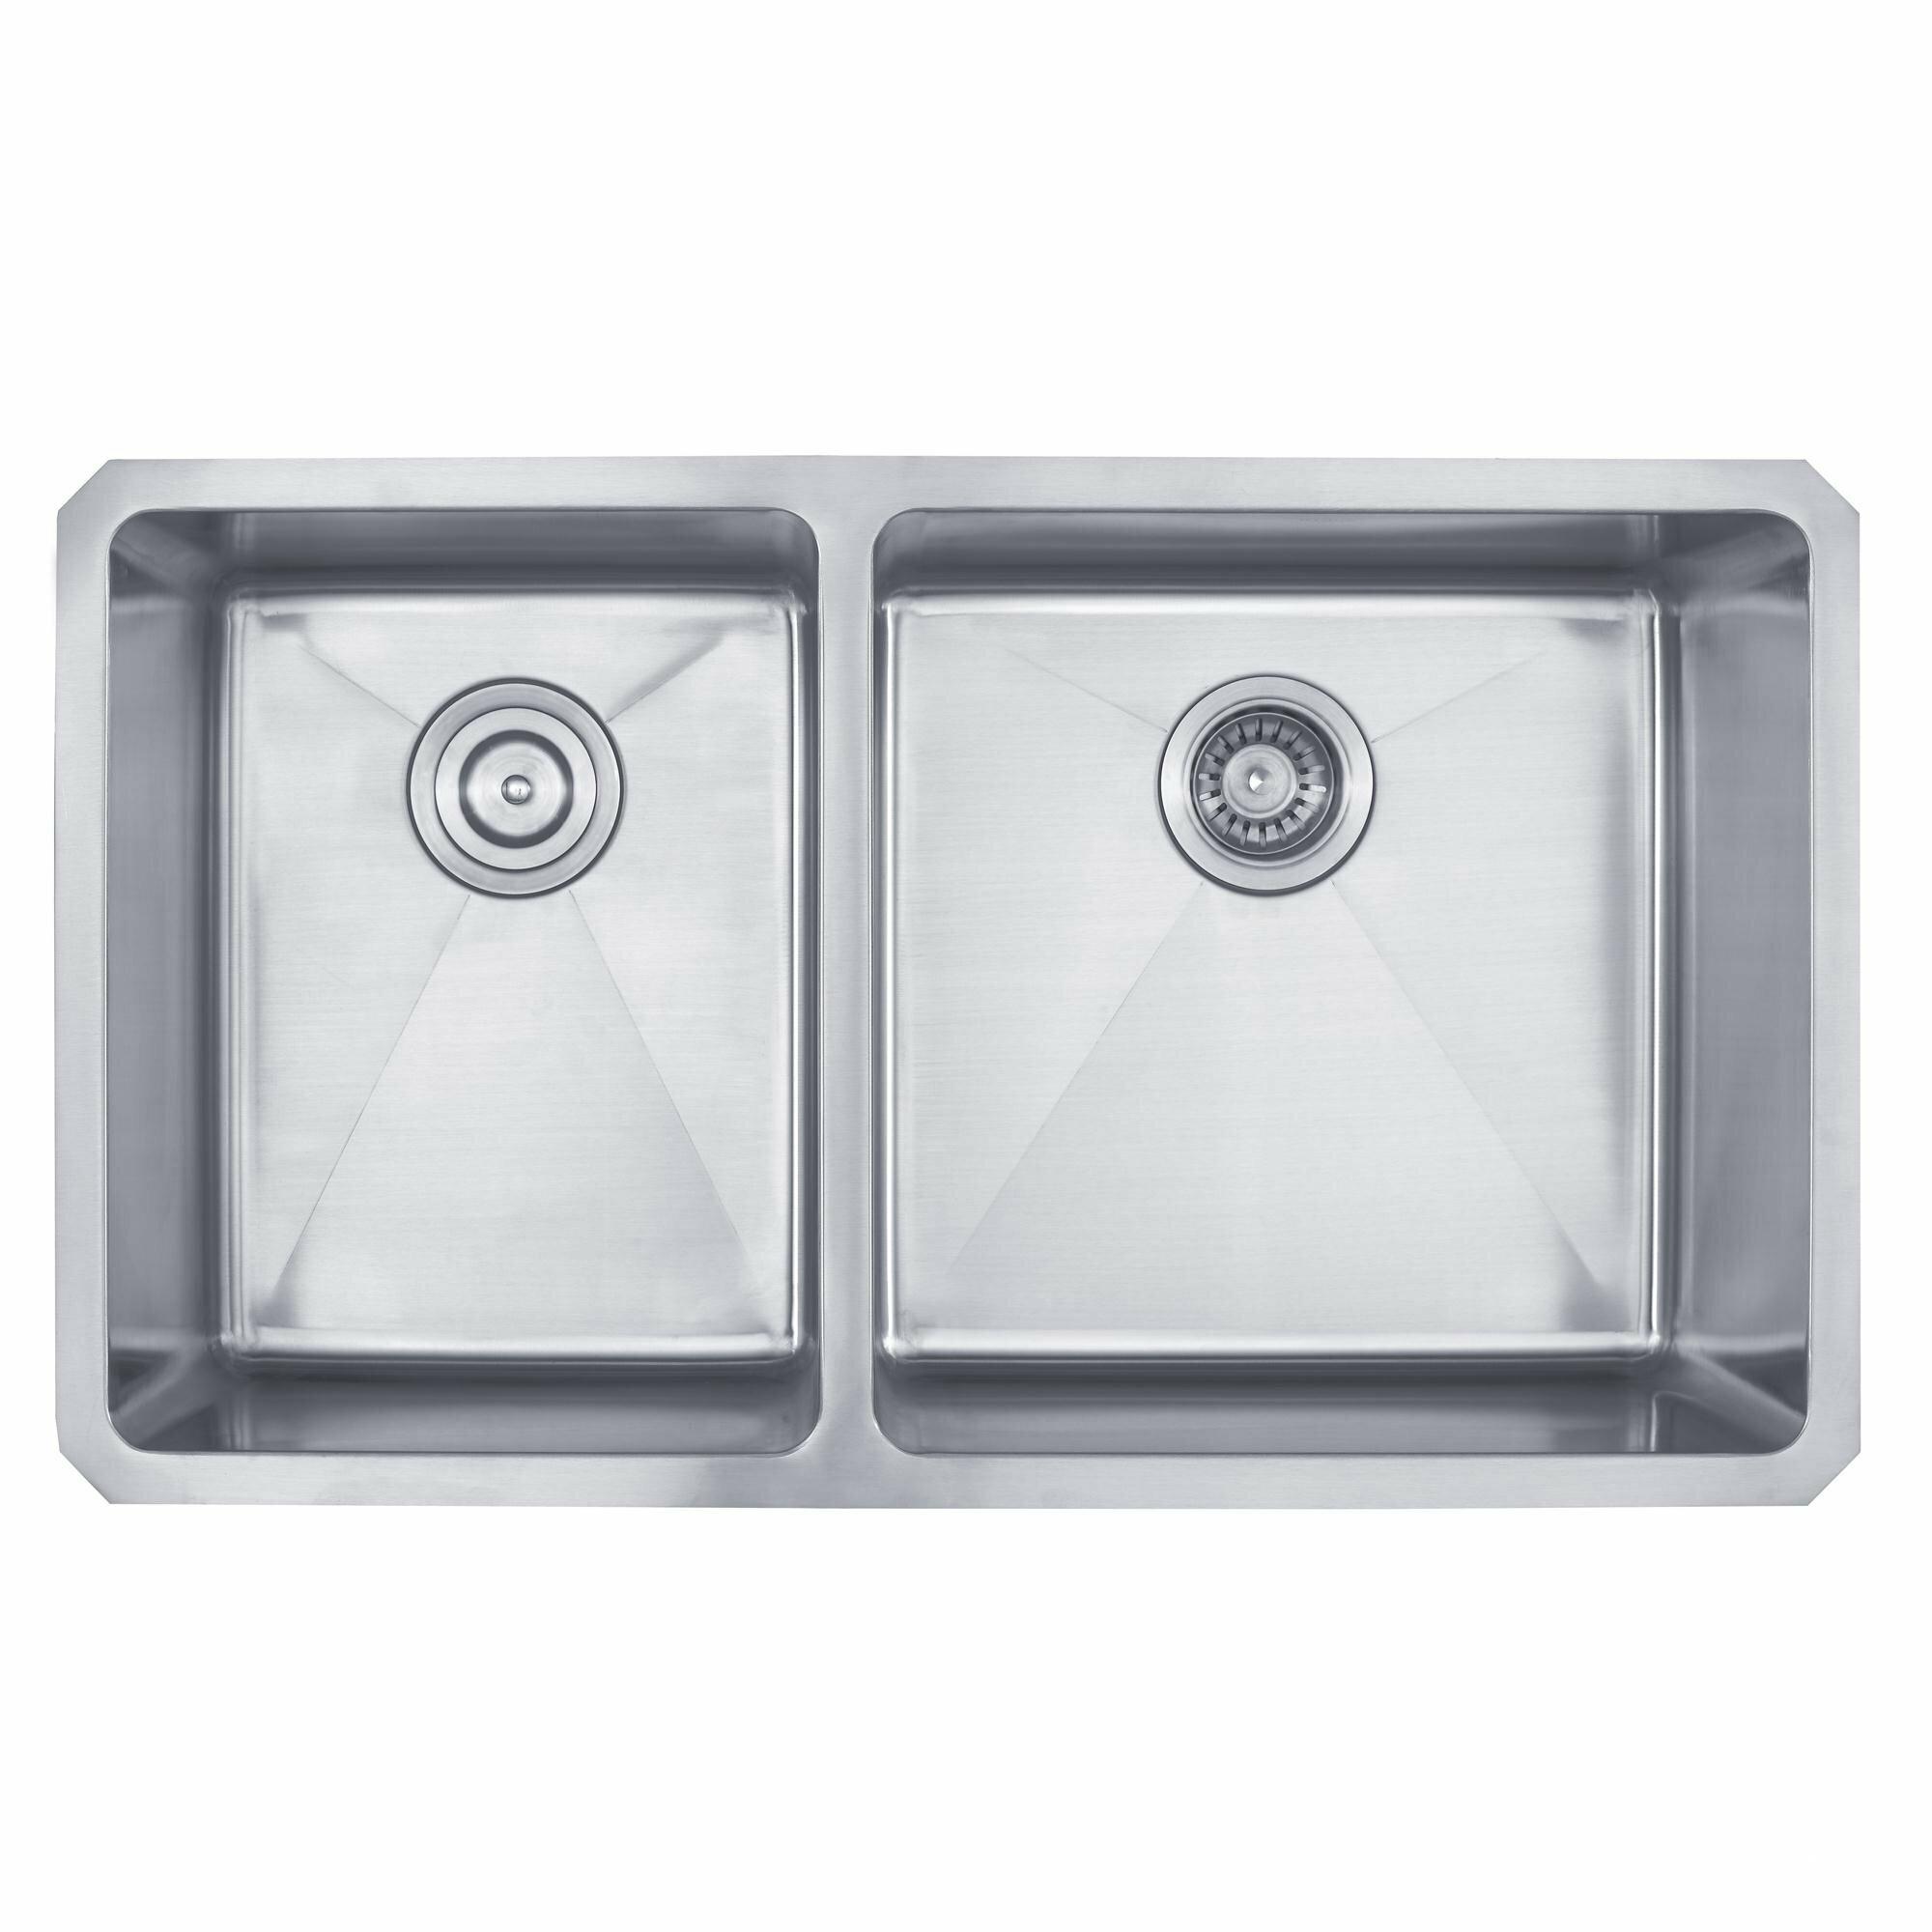 Kraus x 19 6 piece undermount 60 40 double bowl - Kitchen sink pieces ...